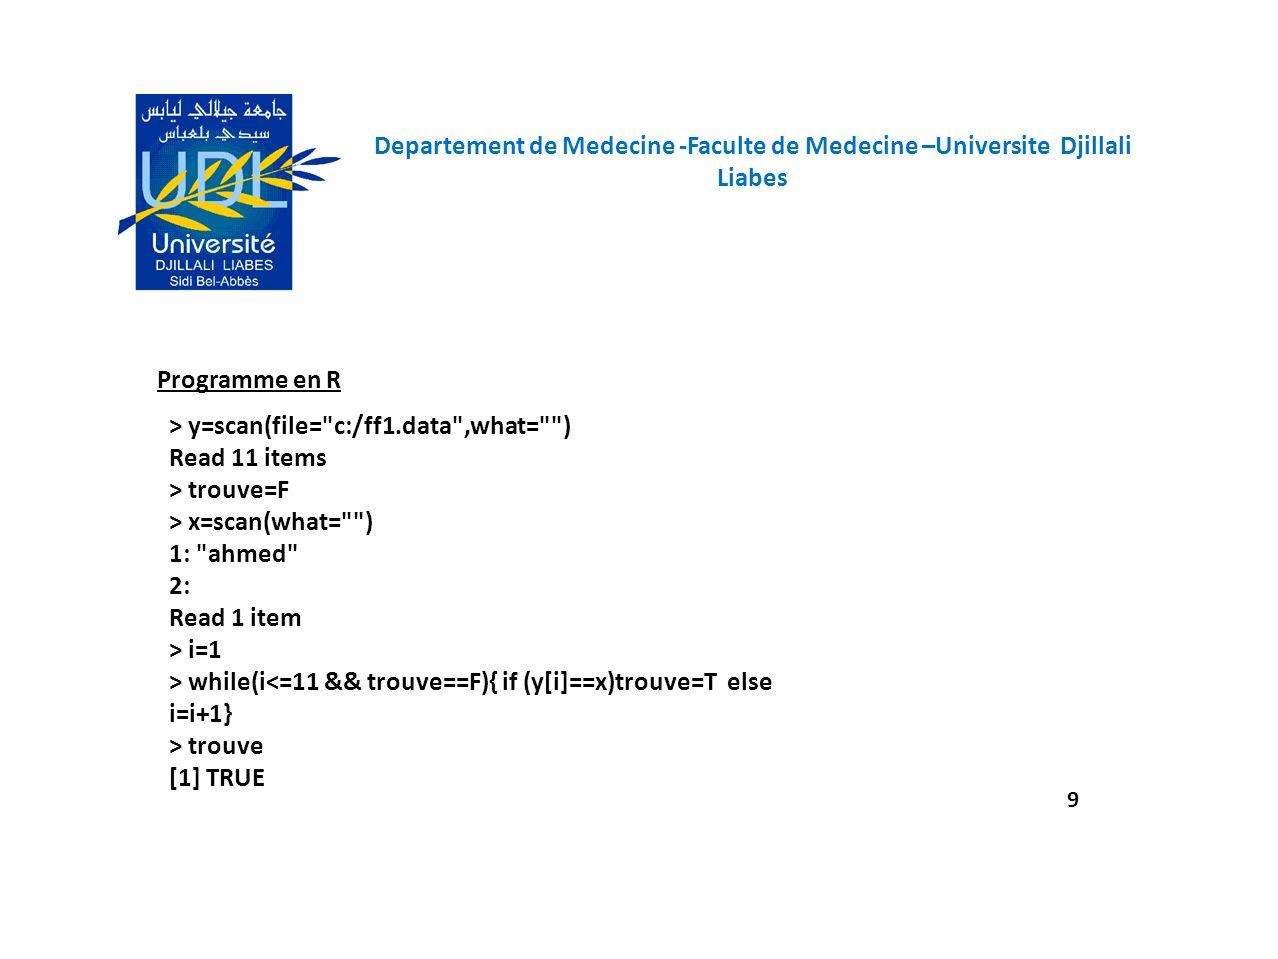 Departement de Medecine -Faculte de Medecine –Universite Djillali Liabes 10 Programme en R > y=scan(file= c:/ff1.data ,what= ) Read 11 items > trouve=F > x=scan(what= ) 1: said 2: Read 1 item > while(i<=11 && trouve==F){ if (y[i]==x)trouve=T else i=i+1} > trouve [1] FALSE